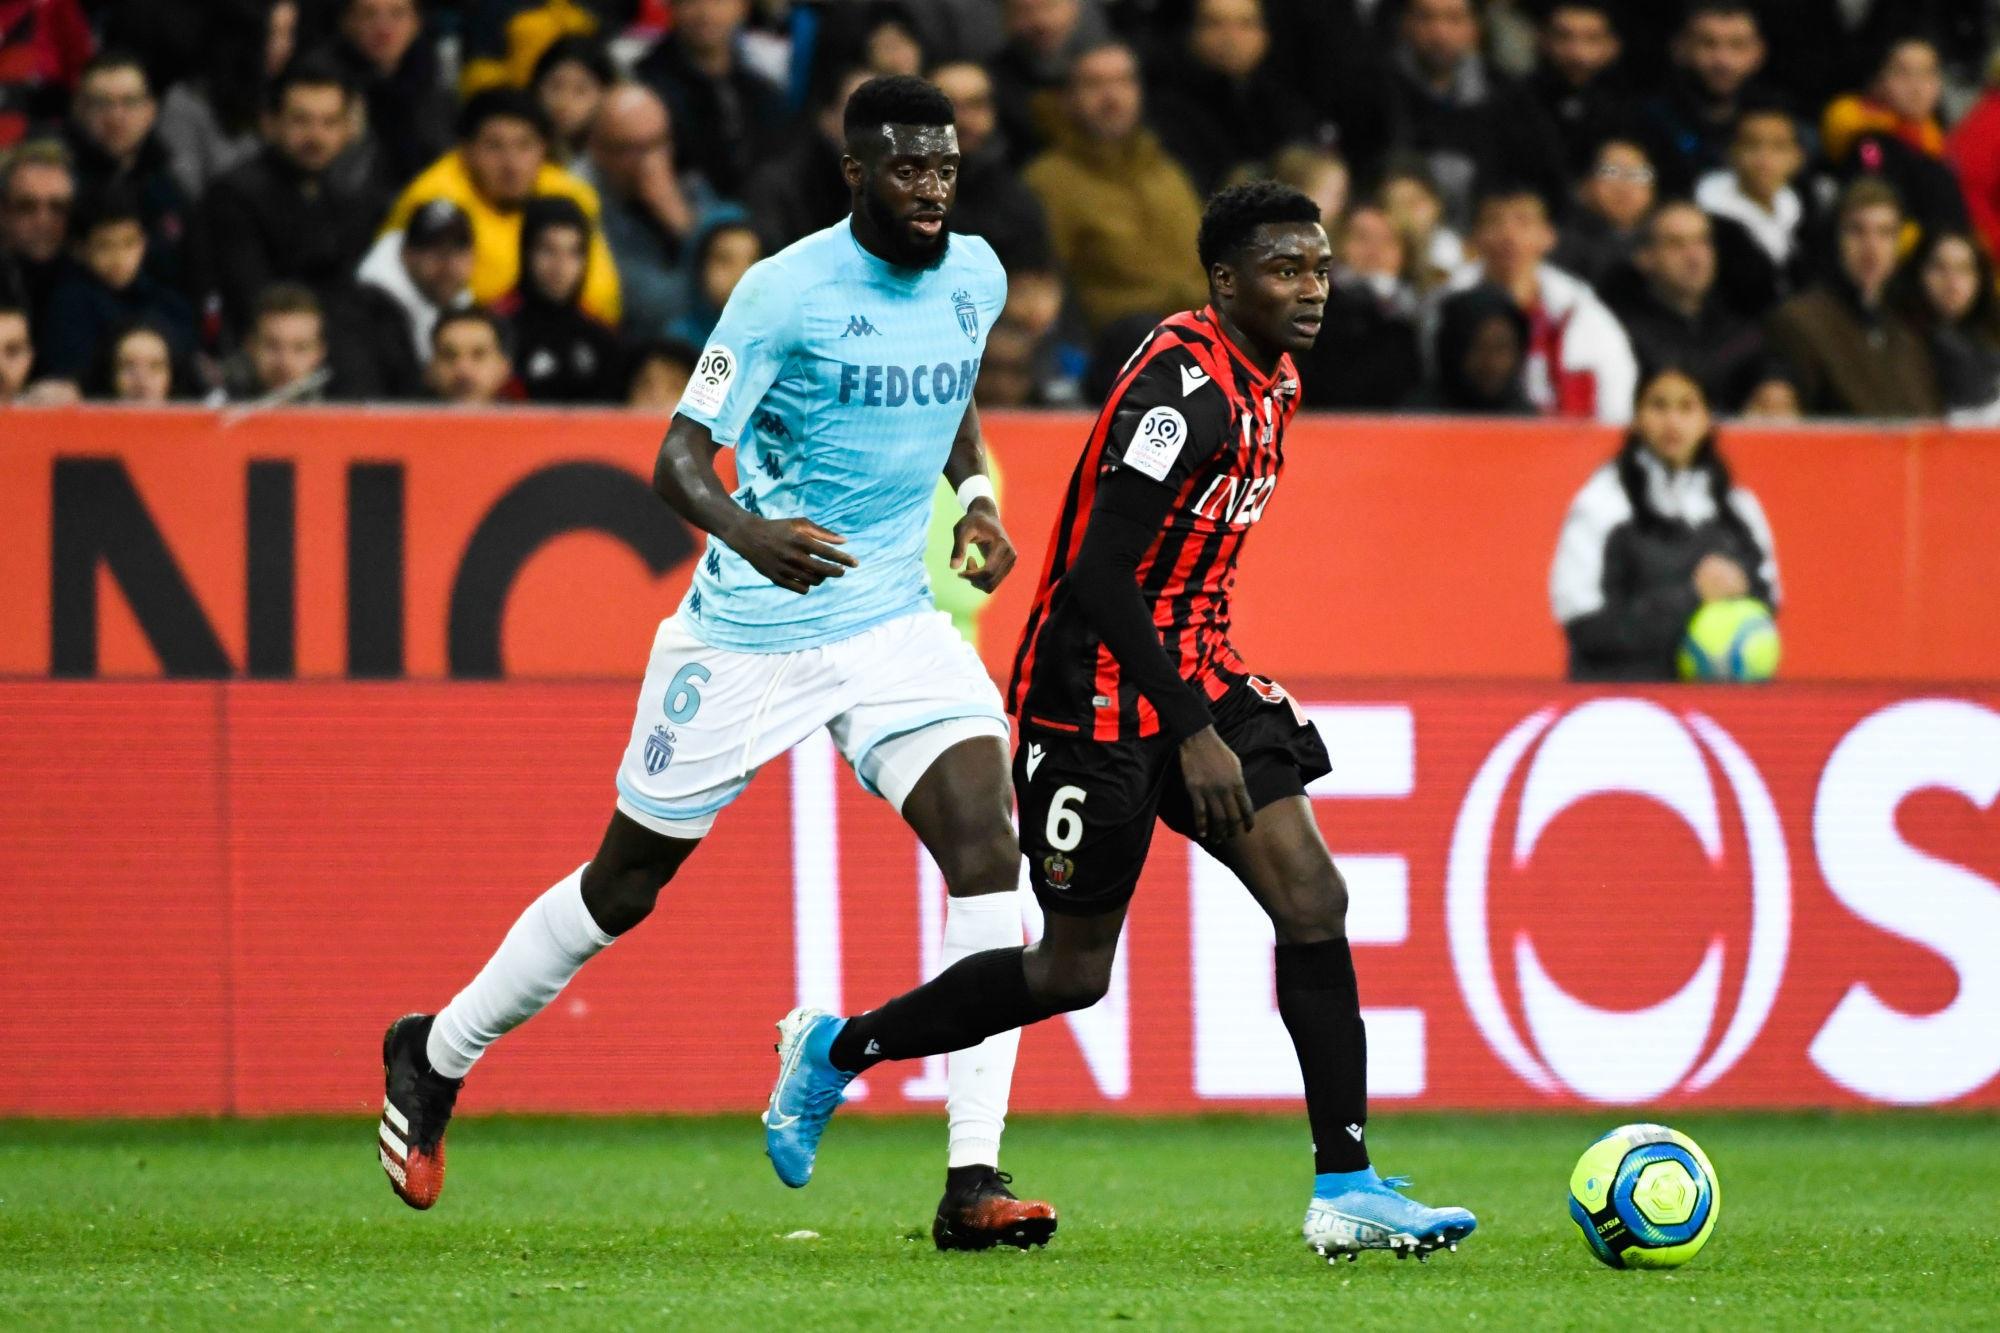 """Mercato - Le PSG """"n'avance pas"""" pour Bakayoko, Tuchel préfère Rüdiger selon RMC Sport"""